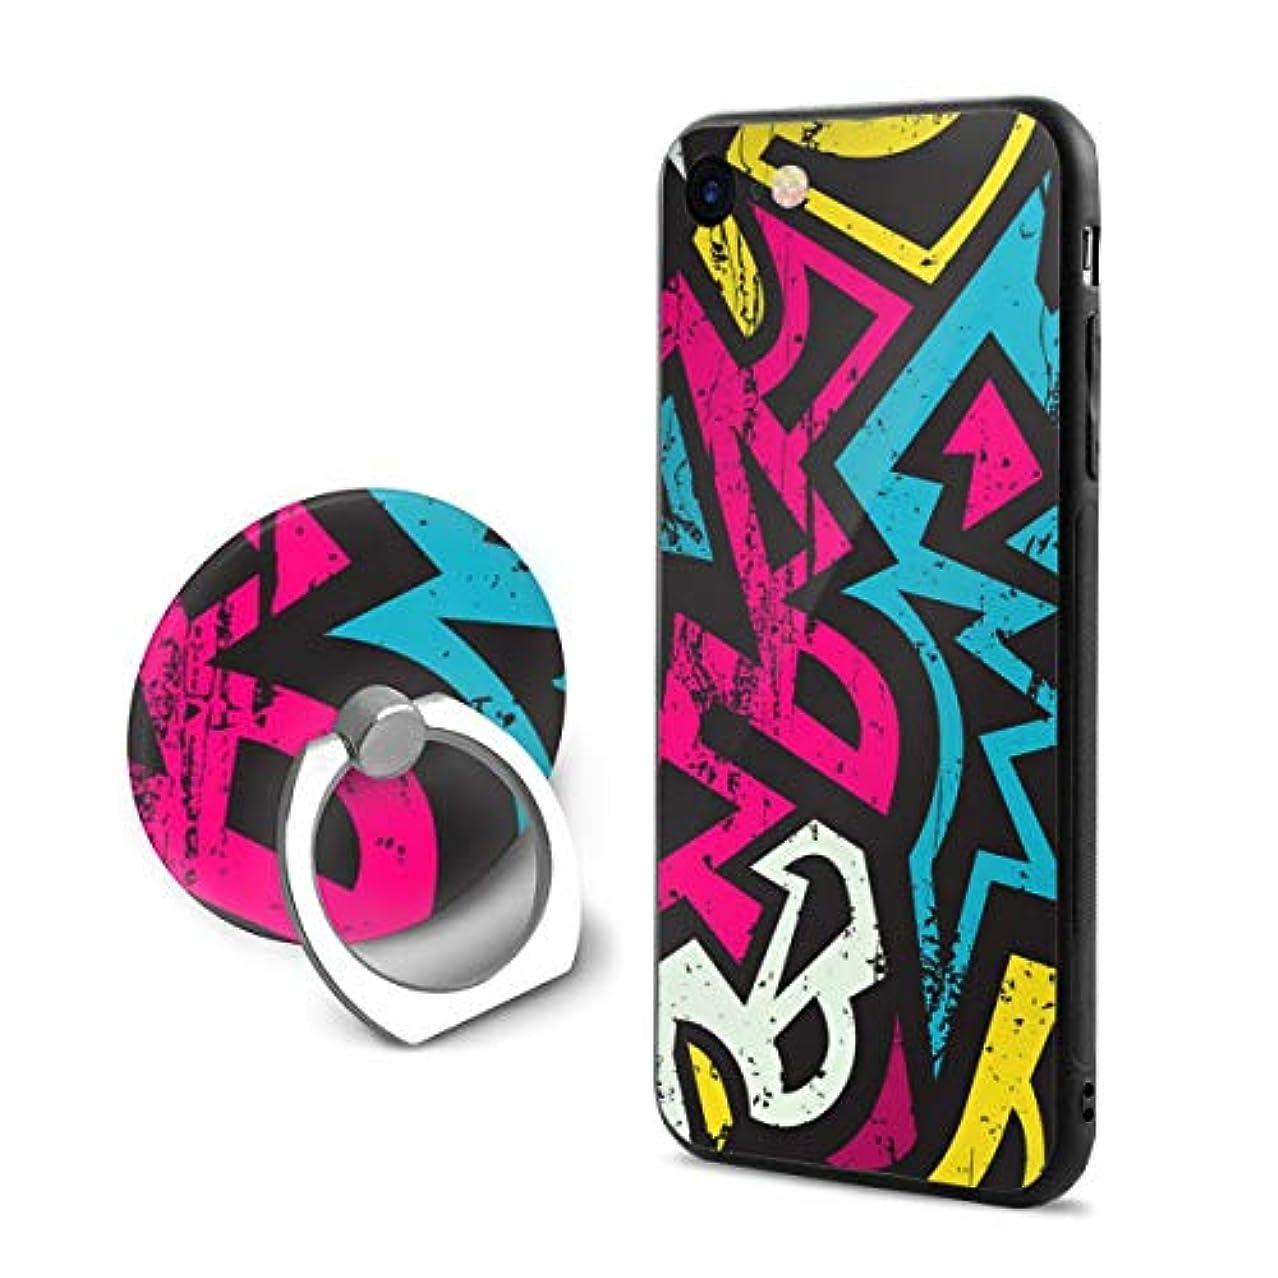 シガレット踏みつけ対人落書き 幾何学的なアート Iphone6Plus ケース/Iphone6s Plus ケース Cases リング付き ソフト TPU 軽量 薄型 擦り傷防止 取り出し易い 携帯カバー 落下防止 柔らかい オシャレ 耐衝撃 ケース カバー